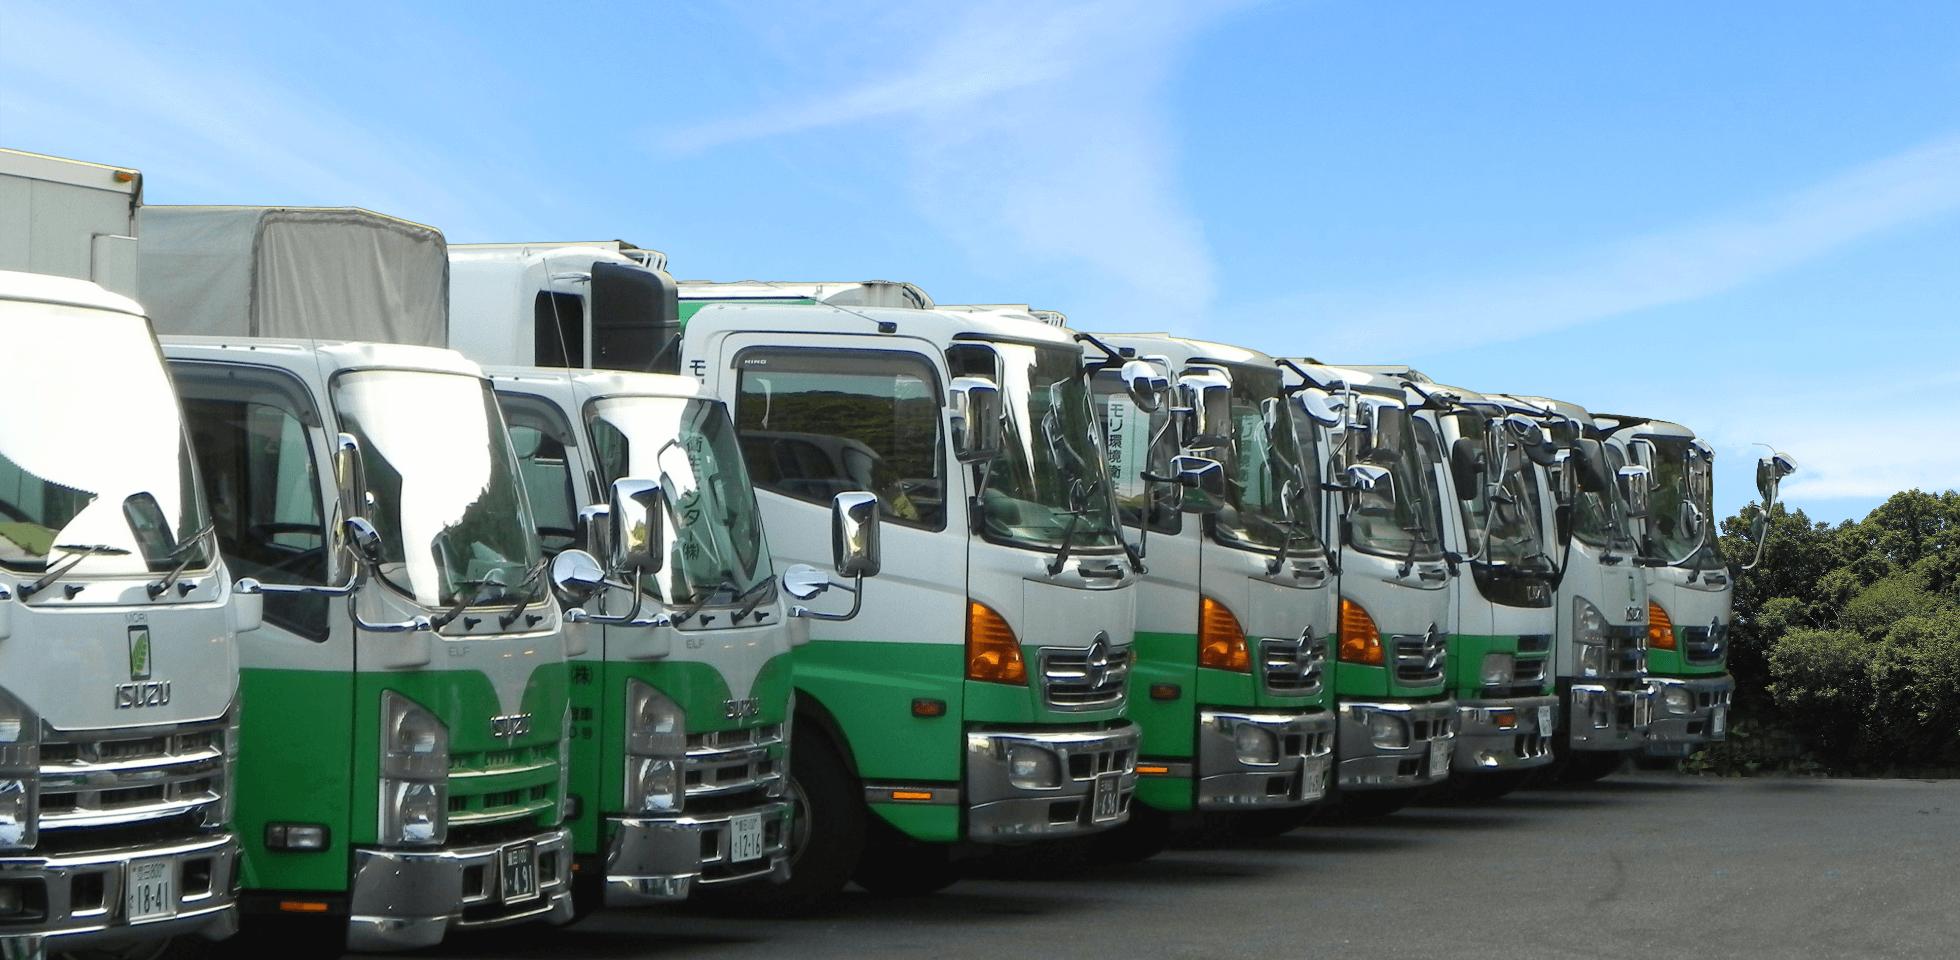 廃棄物収集運搬処理で使用するトラック